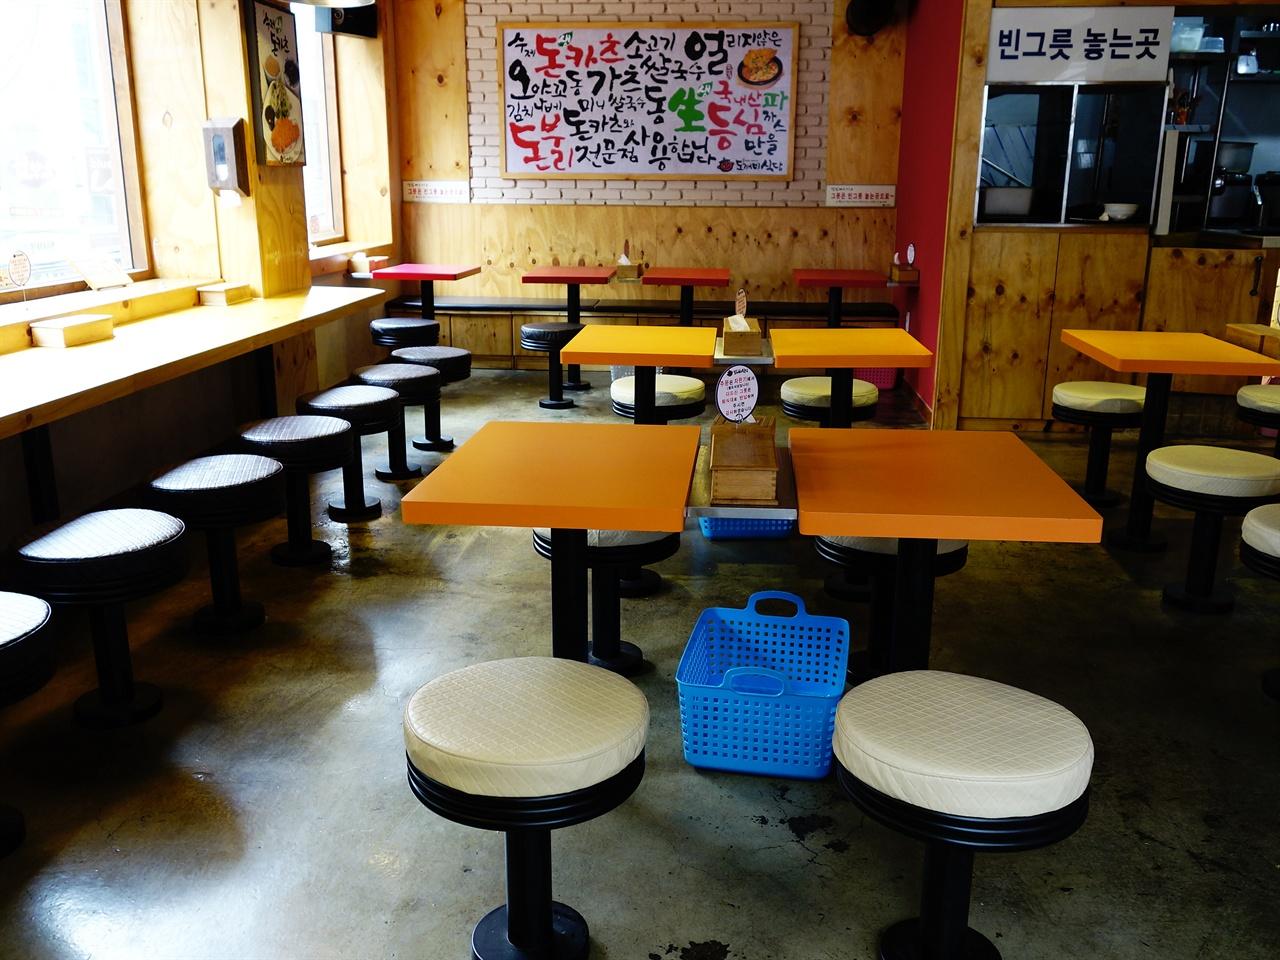 고정형 의자가 마련된 식당 테이블 회전율을 높이기 위해 테이블과 의자는 의도적으로 불편하게 만들어져 있다. 하지만 그렇기 때문에 음식값이 저렴해 질 수 있었다